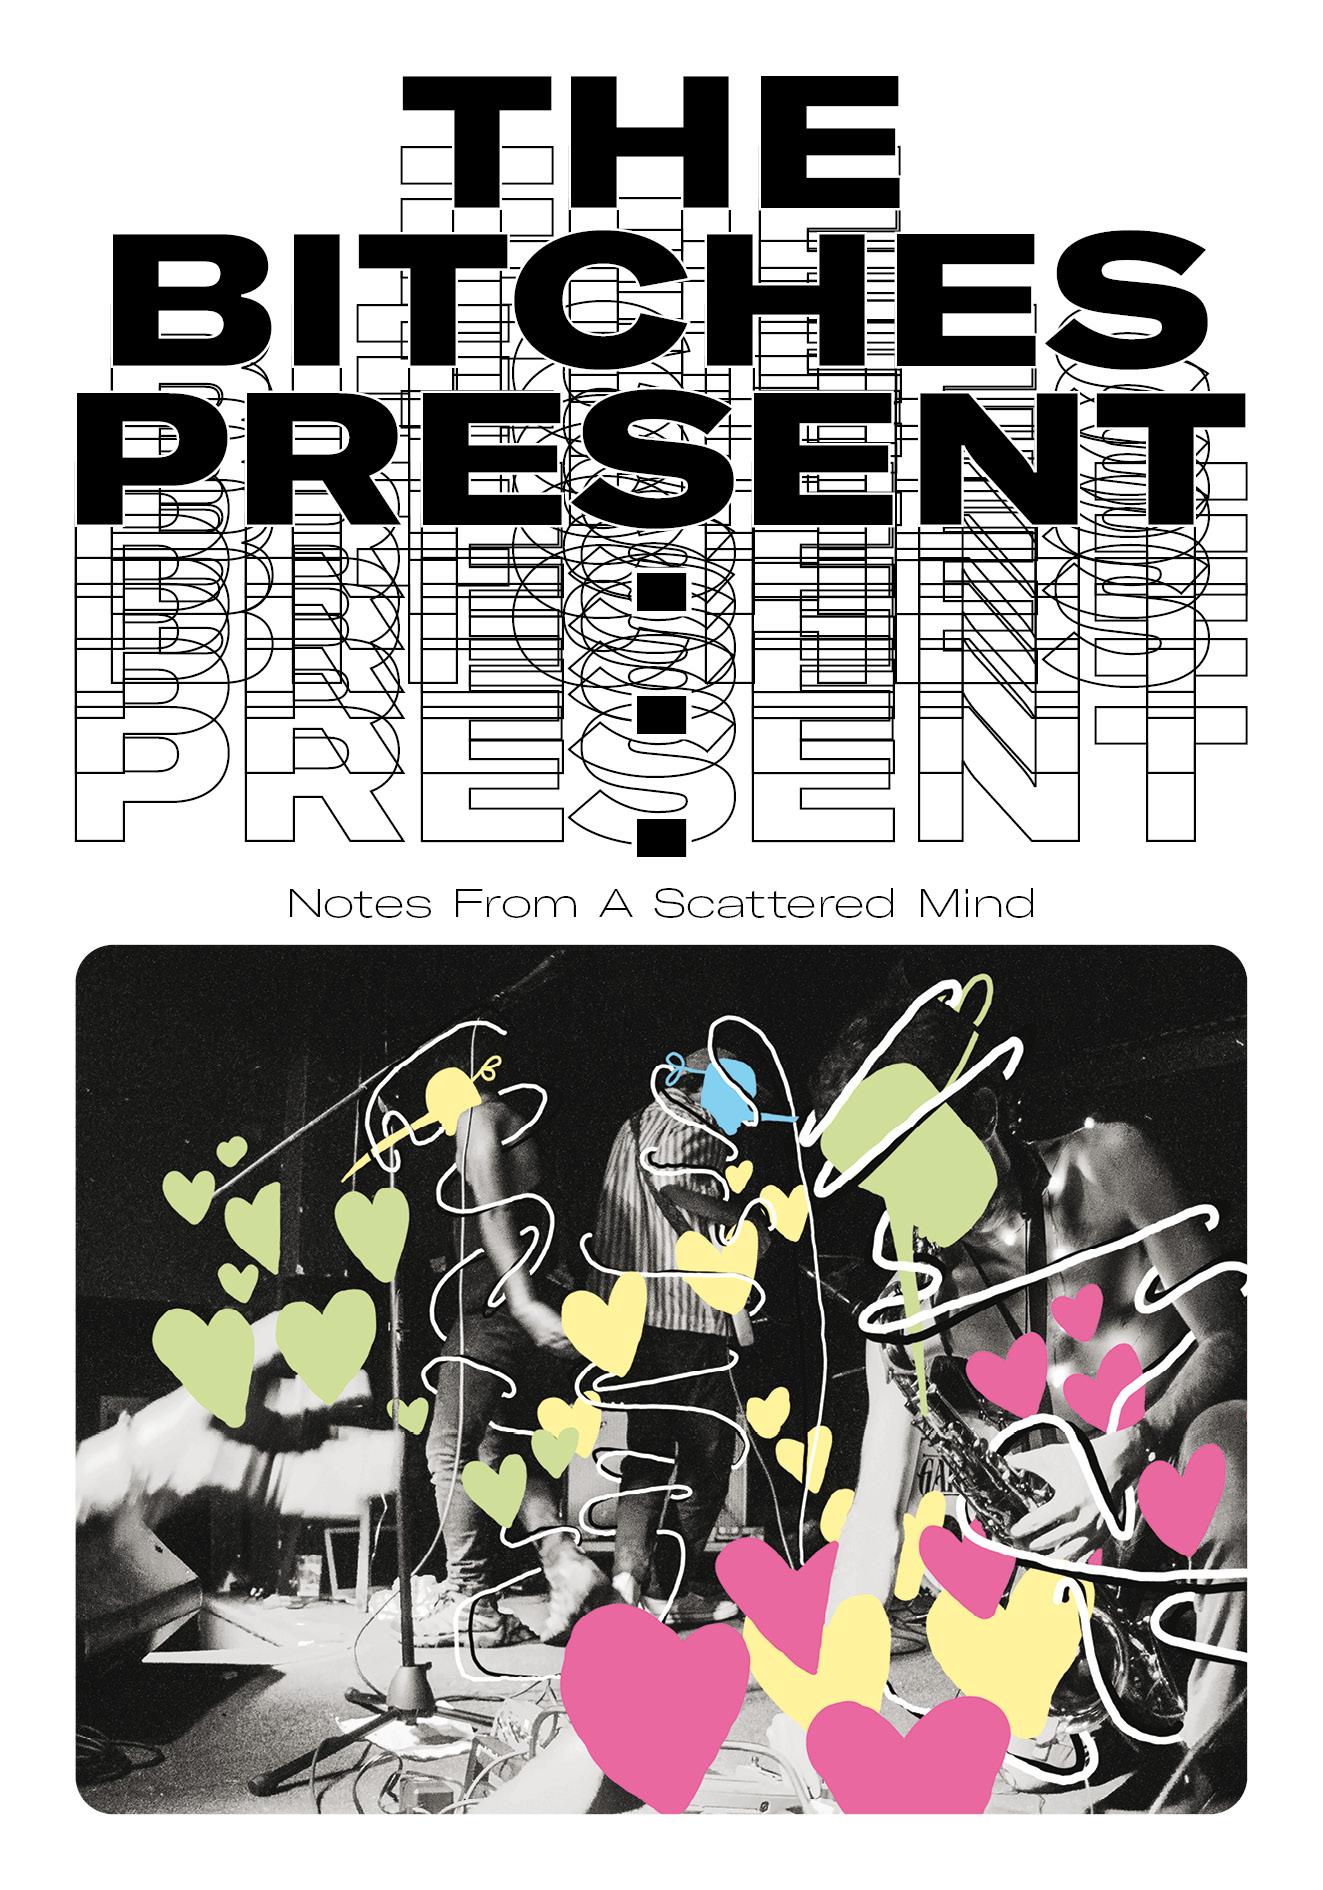 bitches-album-broadsheet_final_v5